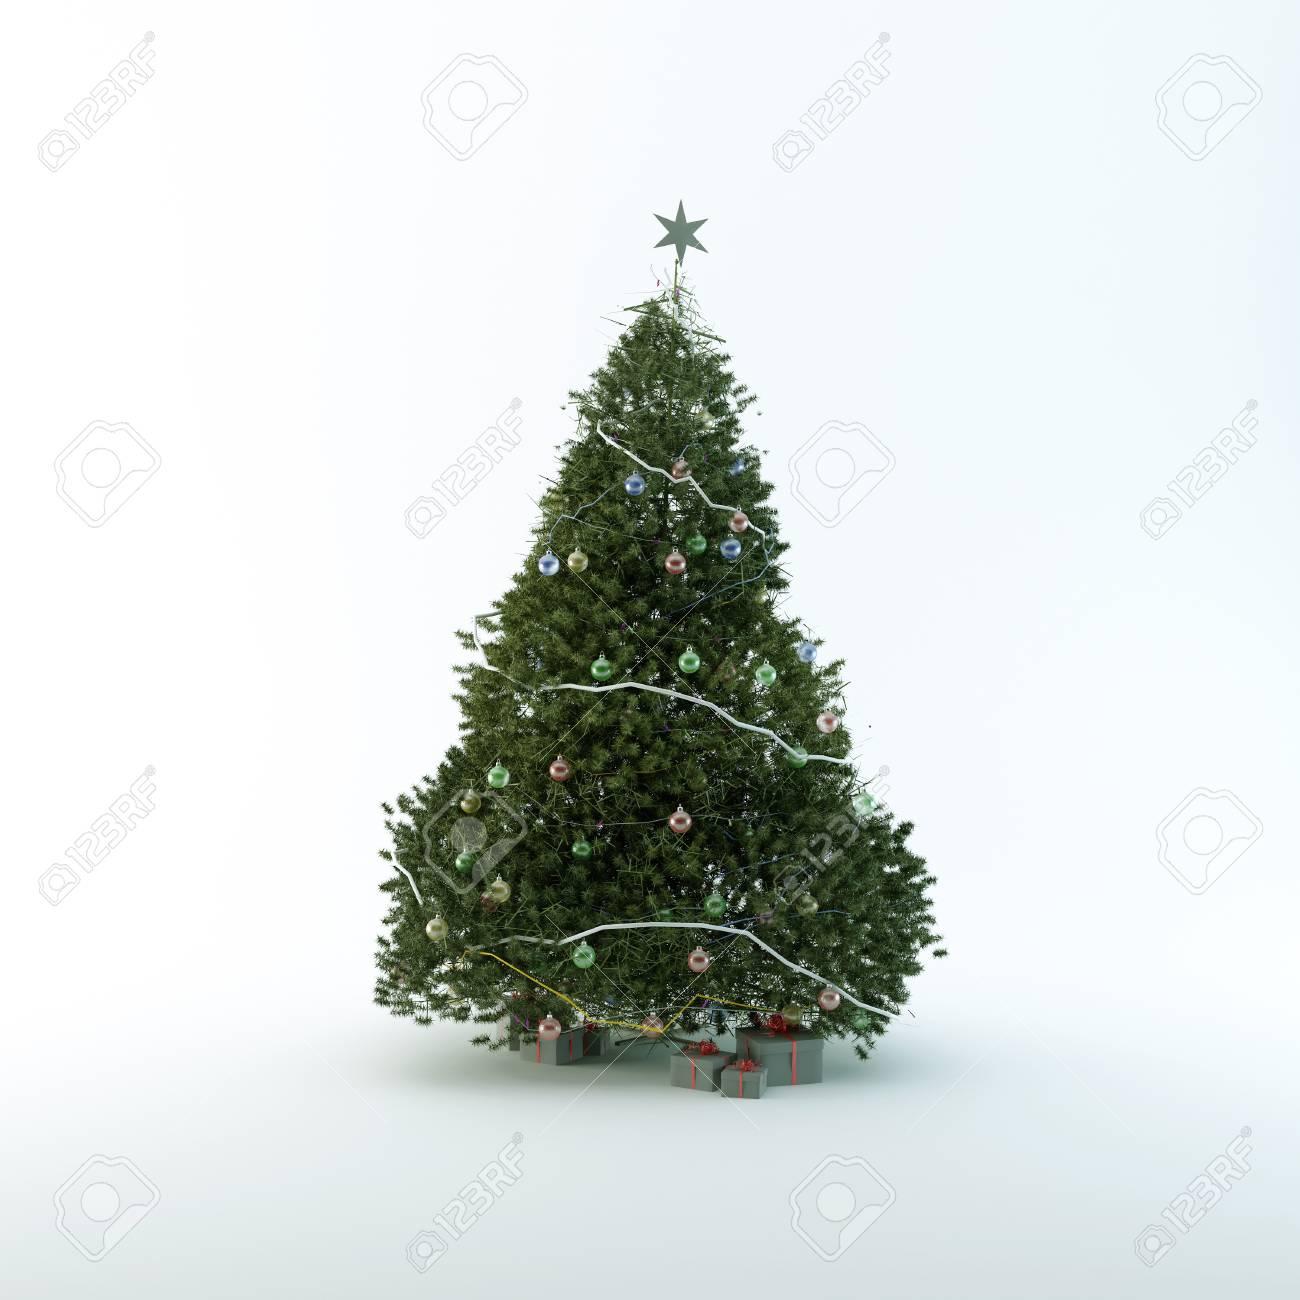 Christmas tree isolated on white background Stock Photo - 14745931